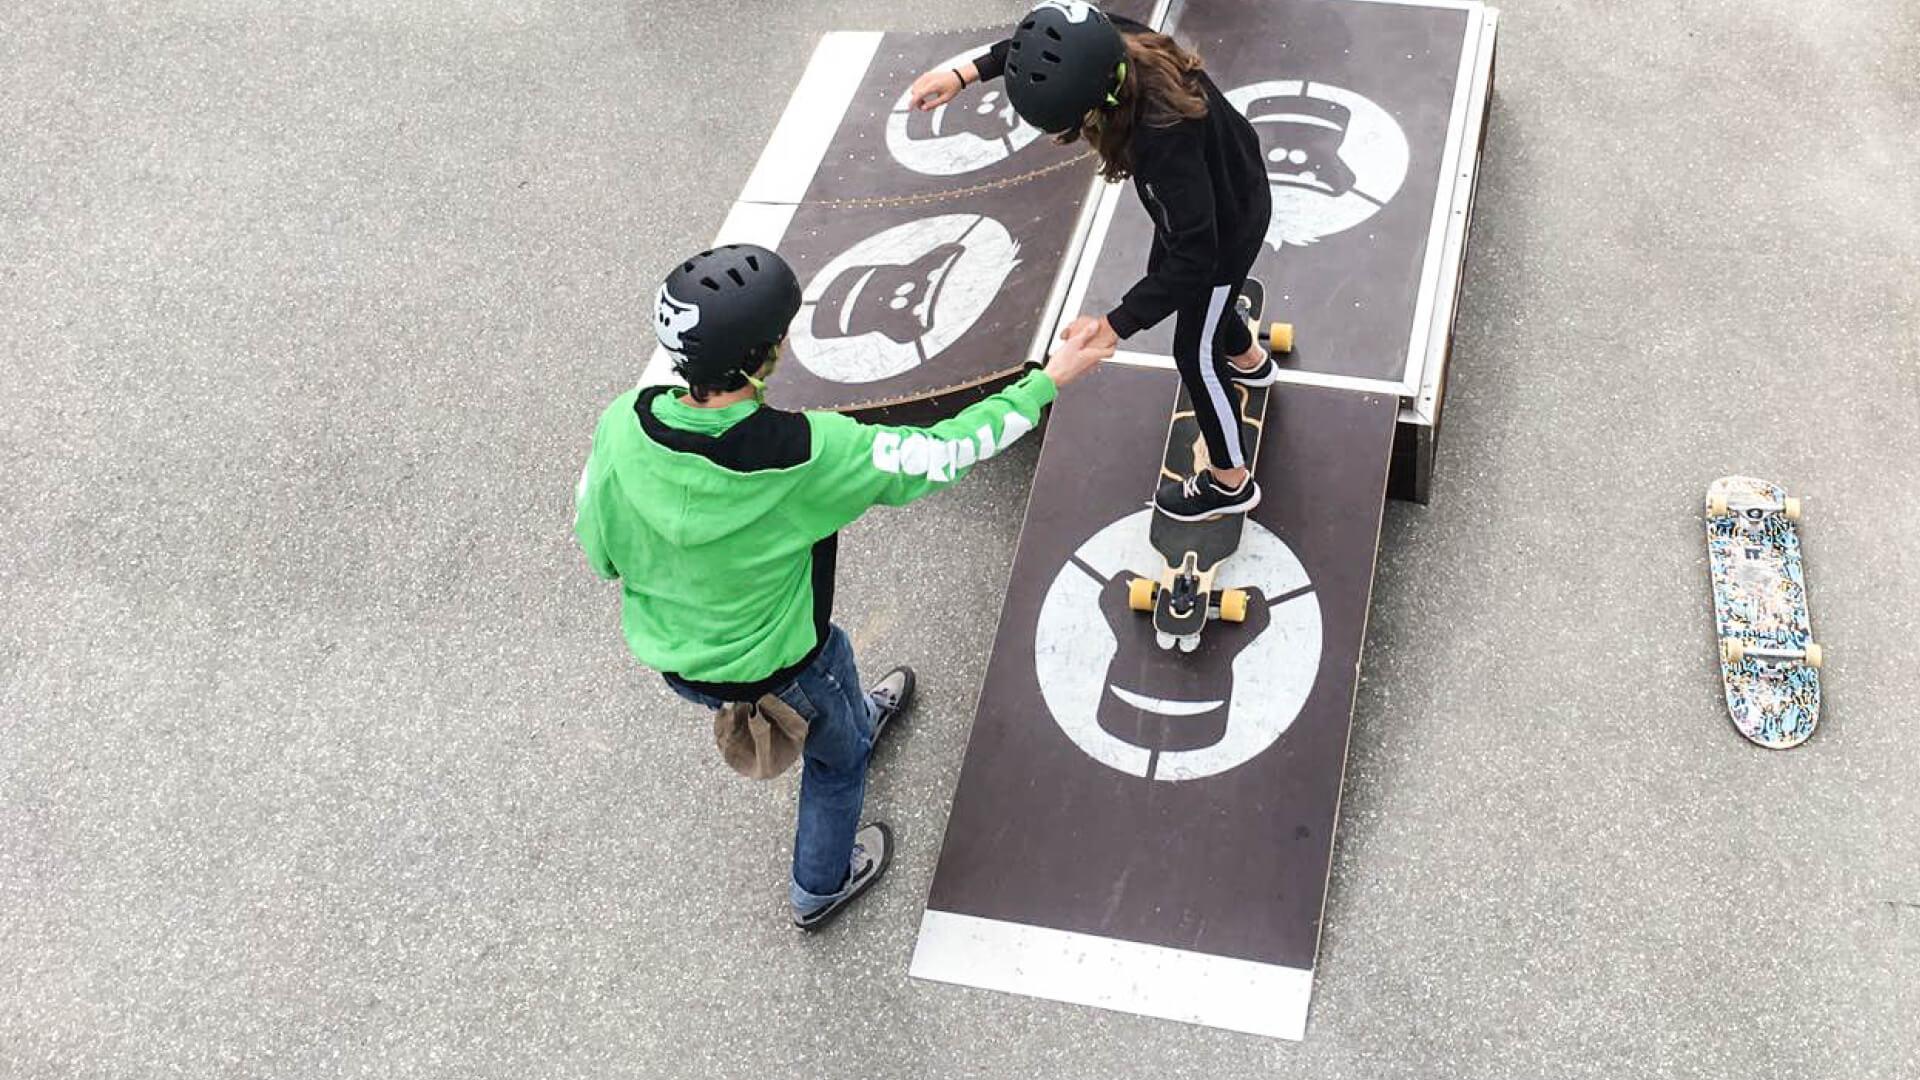 GORILLA Playground - jetzt testen!